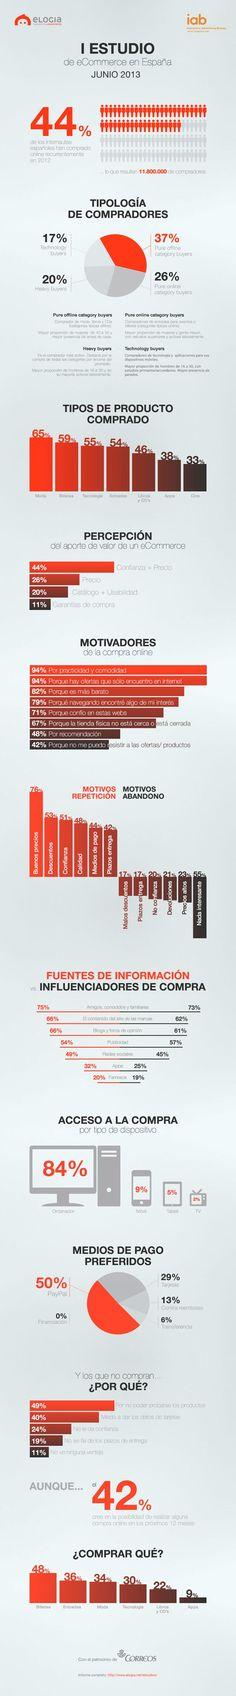 I Estudio de eCommerce en España - junio 2013. El contenido del site y los blogs influencian en más del 60% la decisión de compra.